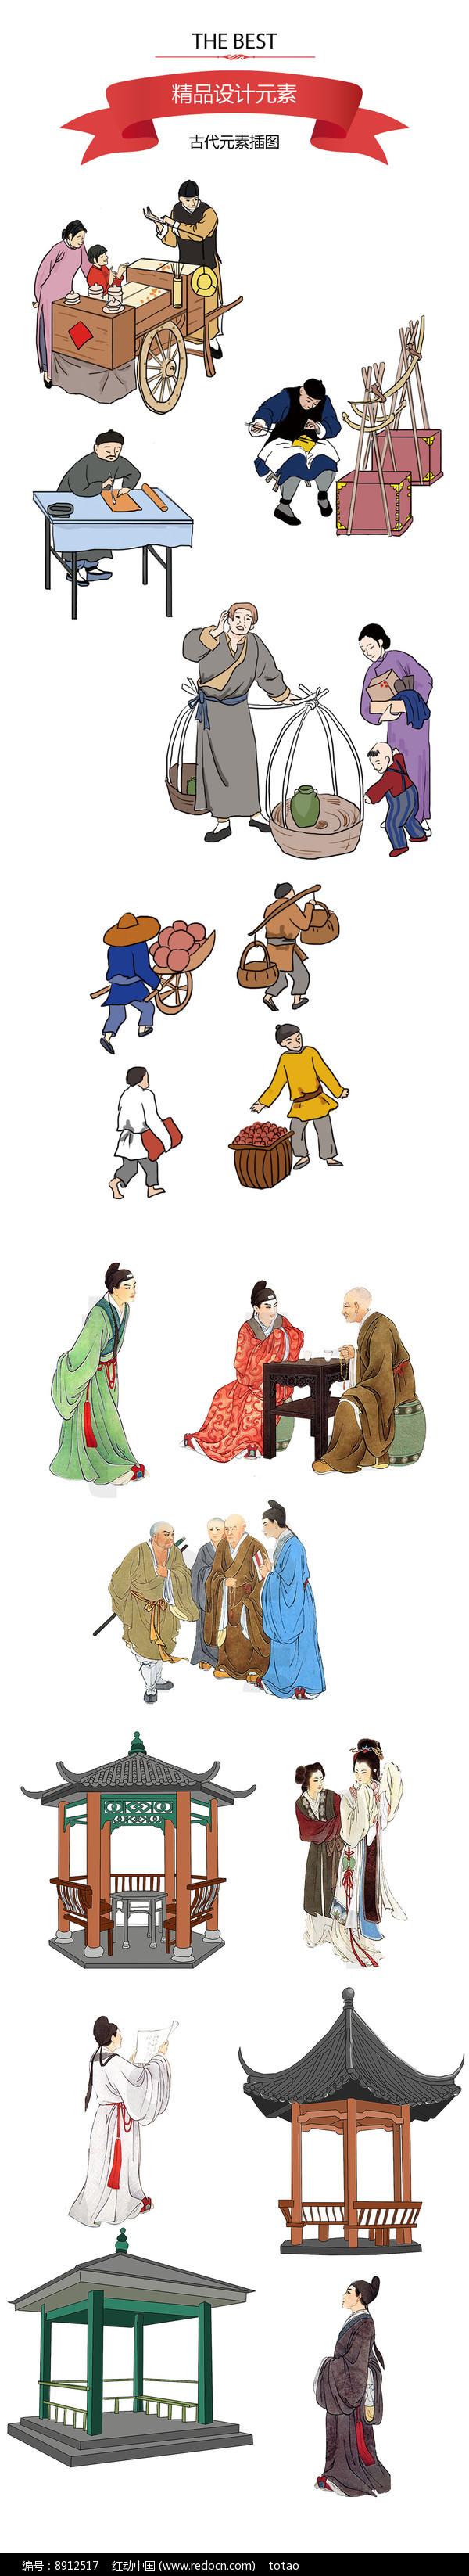 古代人物风俗插图图片